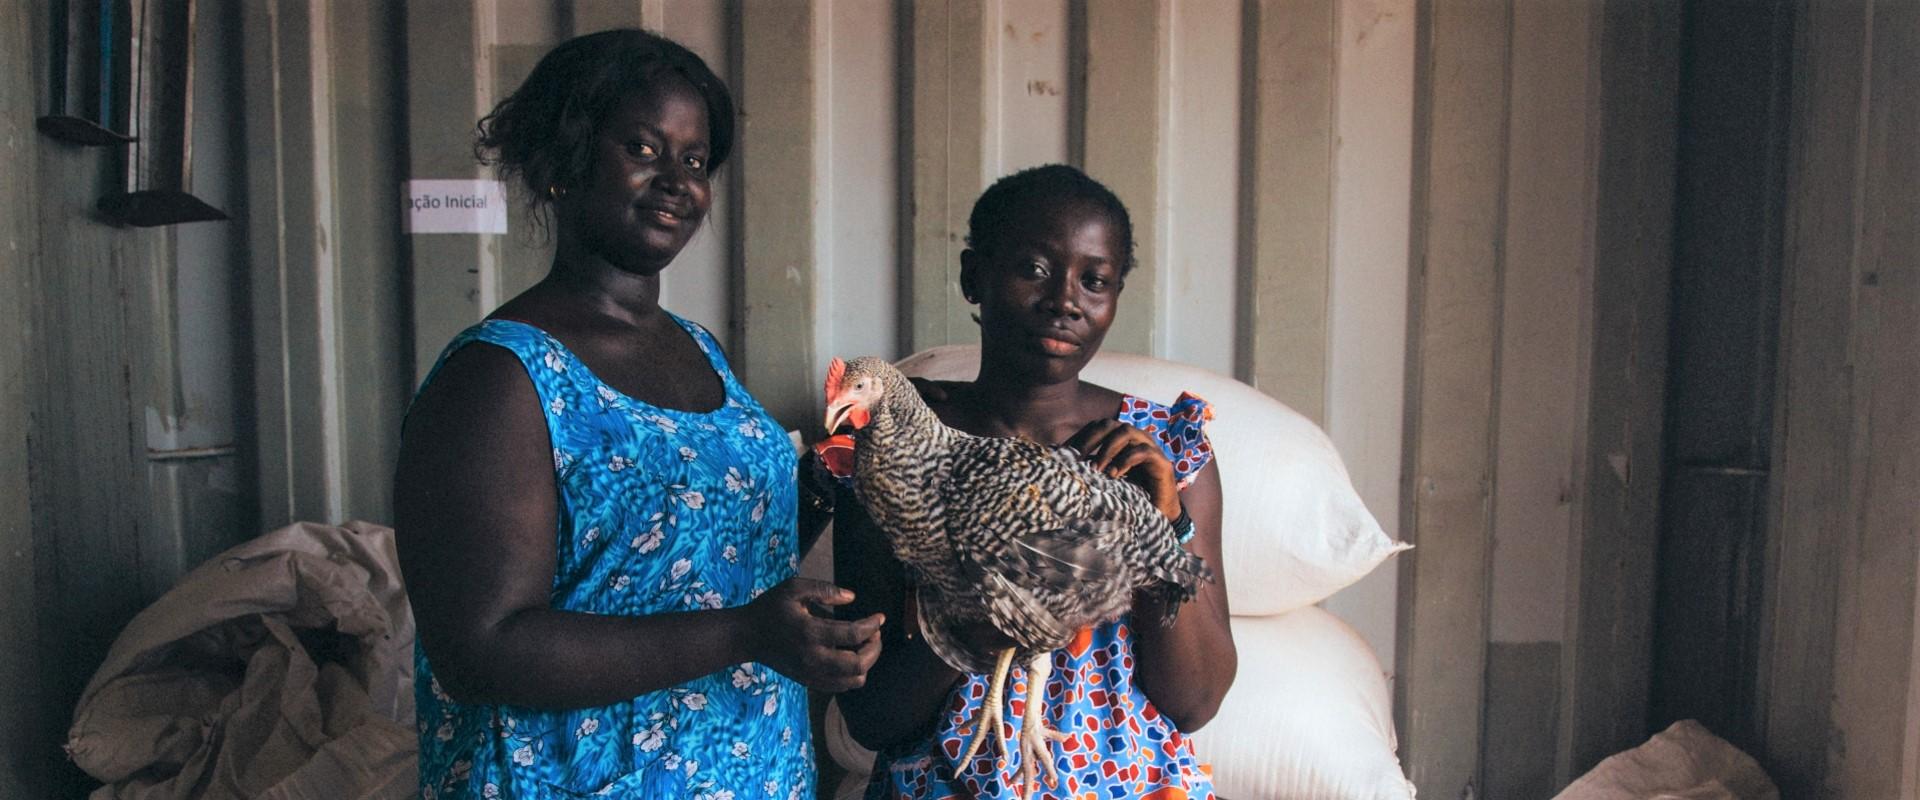 mettiamo le ali allo sviluppo filiera avicola Guinea-Bissau mani tese 2019